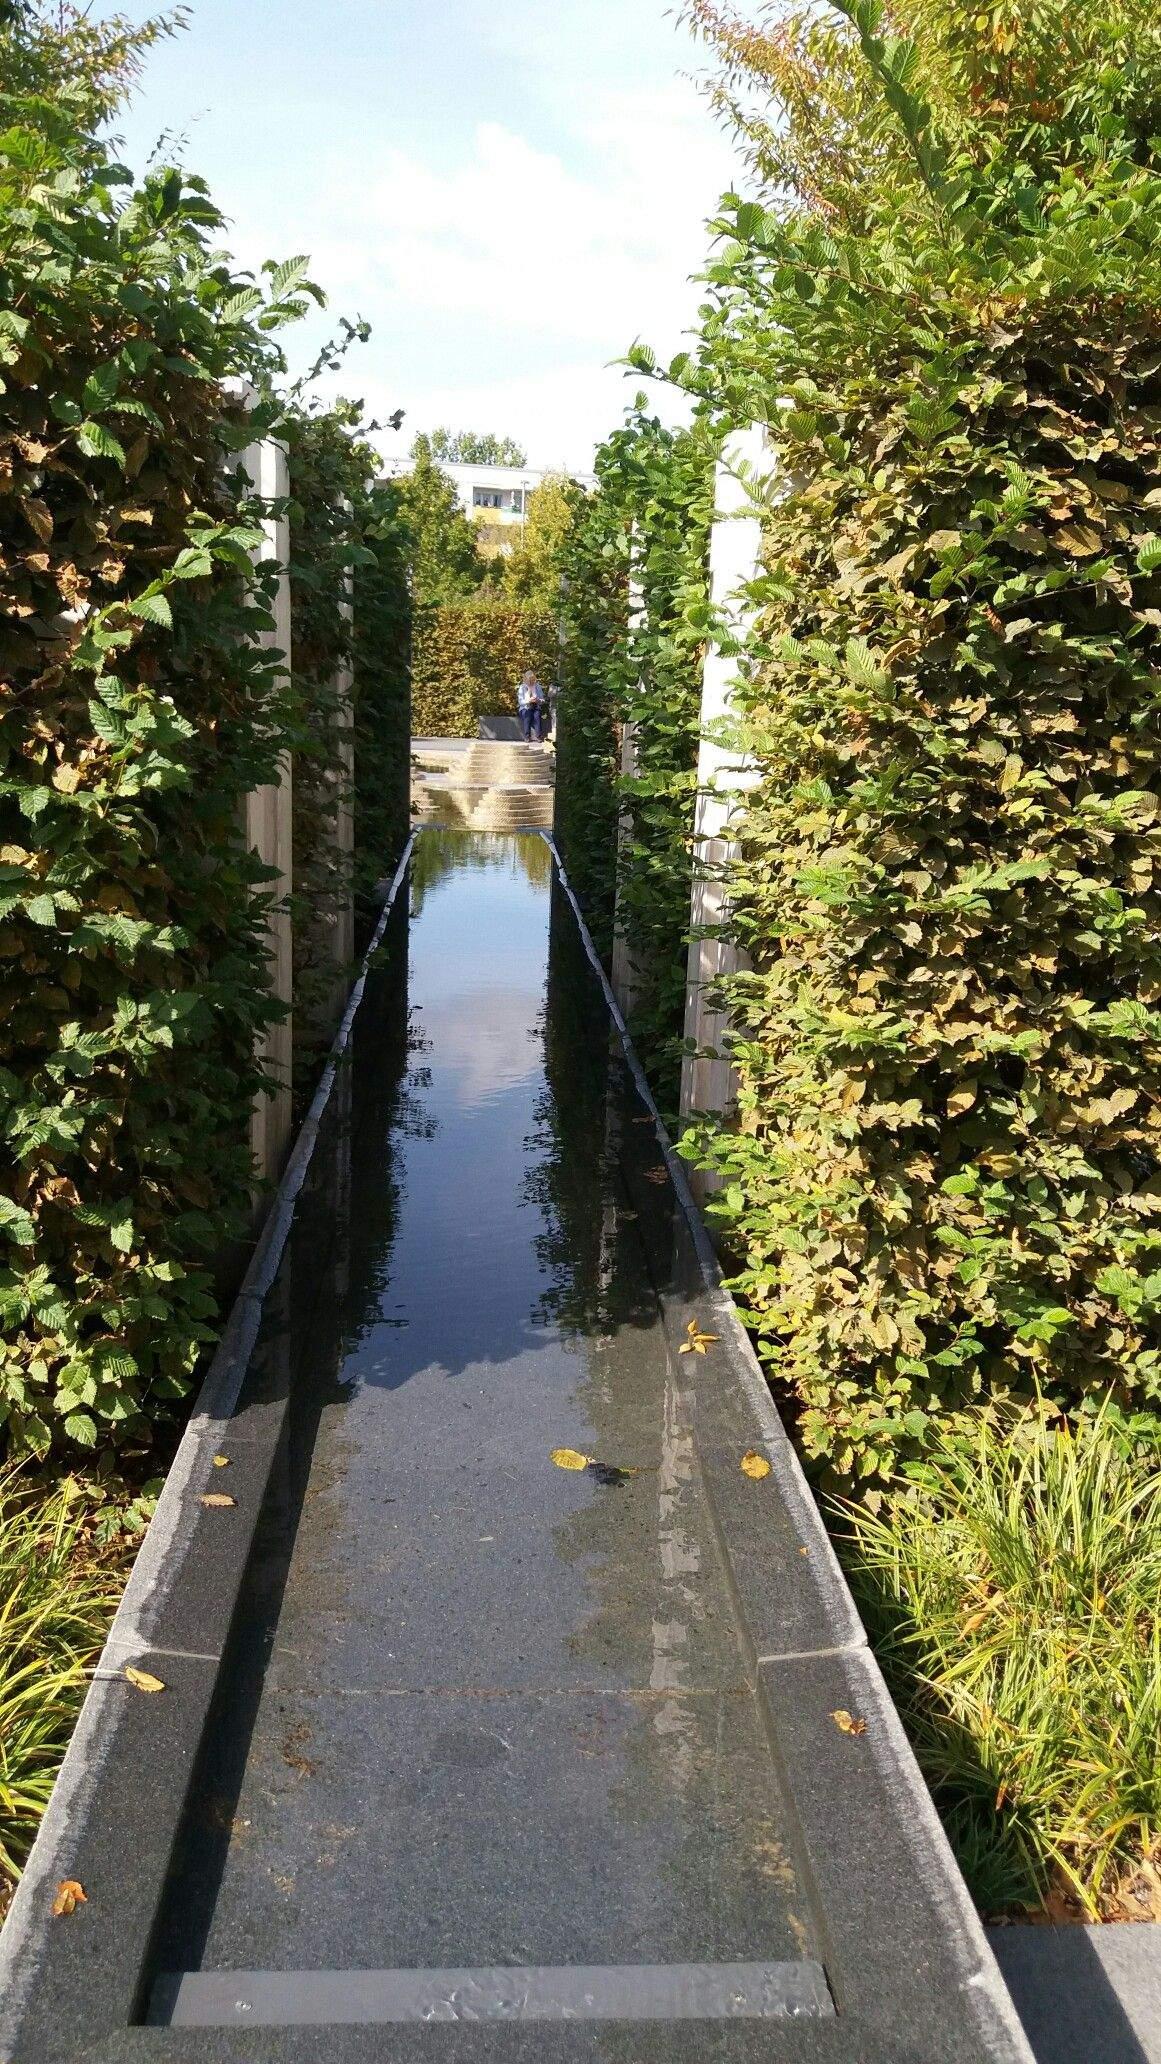 Garten Der Welt Berlin Elegant Gärten Der Welt